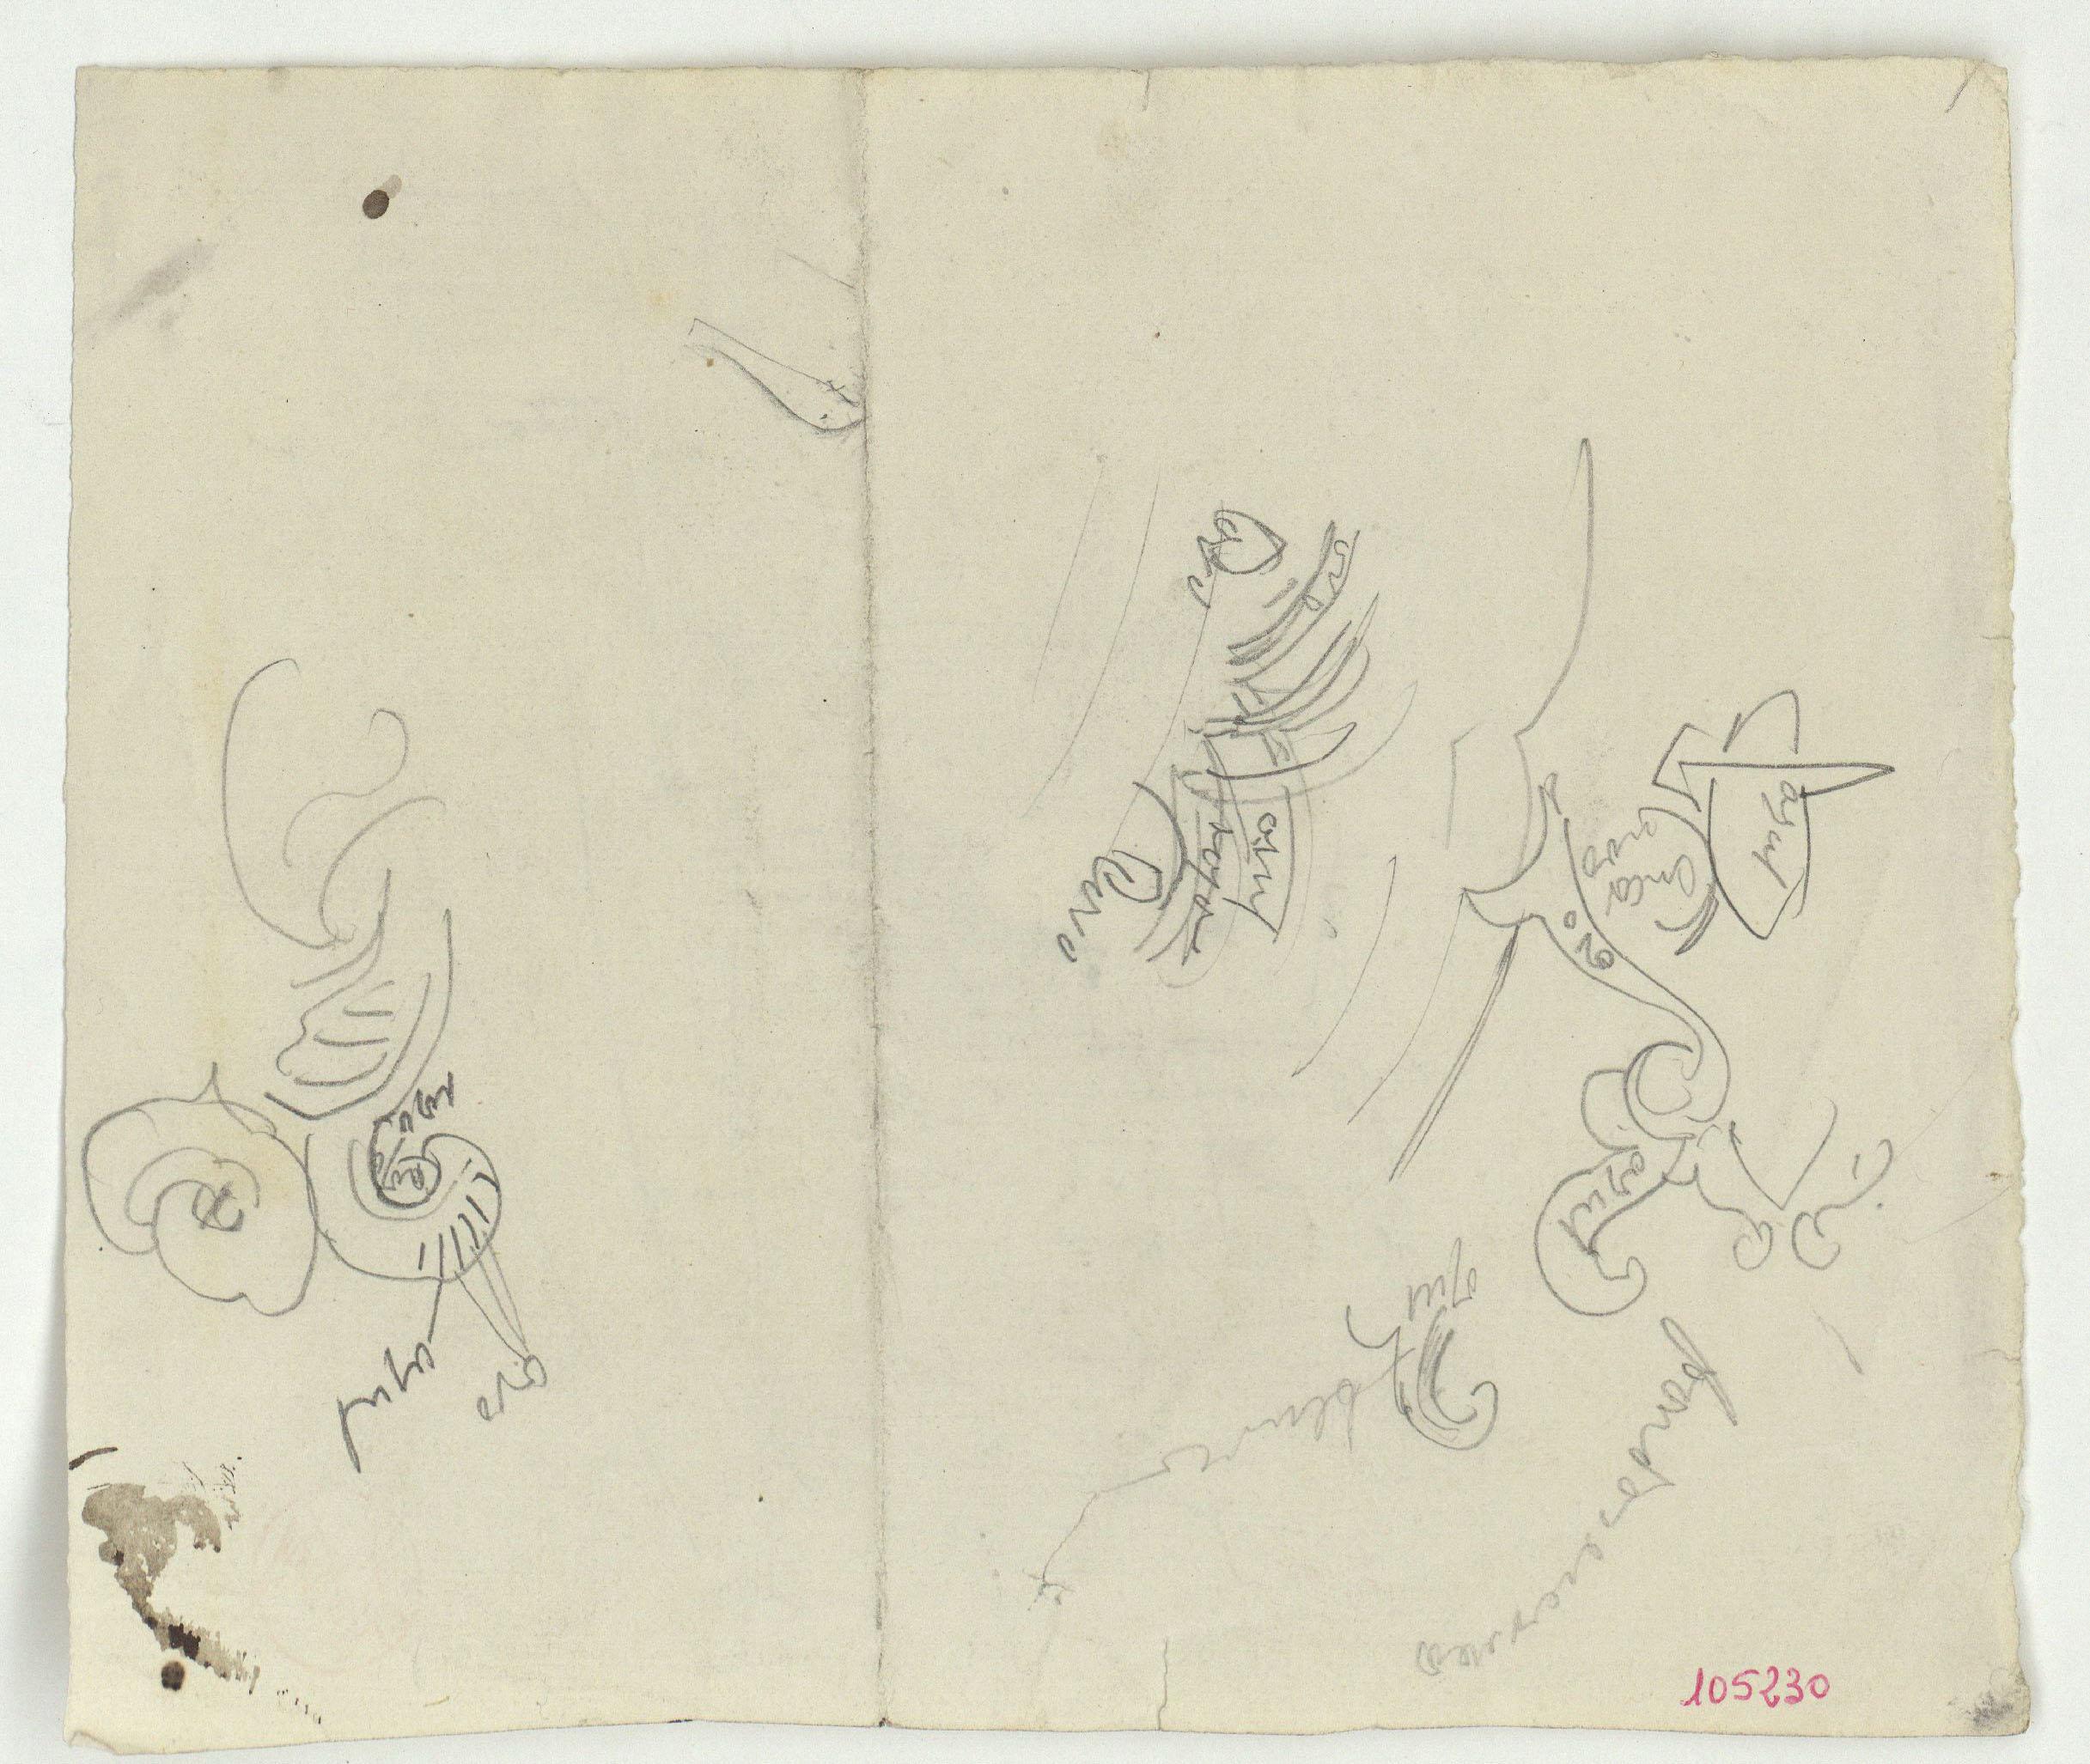 Marià Fortuny - Detalls de motius ornamentals (anvers) / Croquis d'edifici (revers) - Cap a 1860-1862